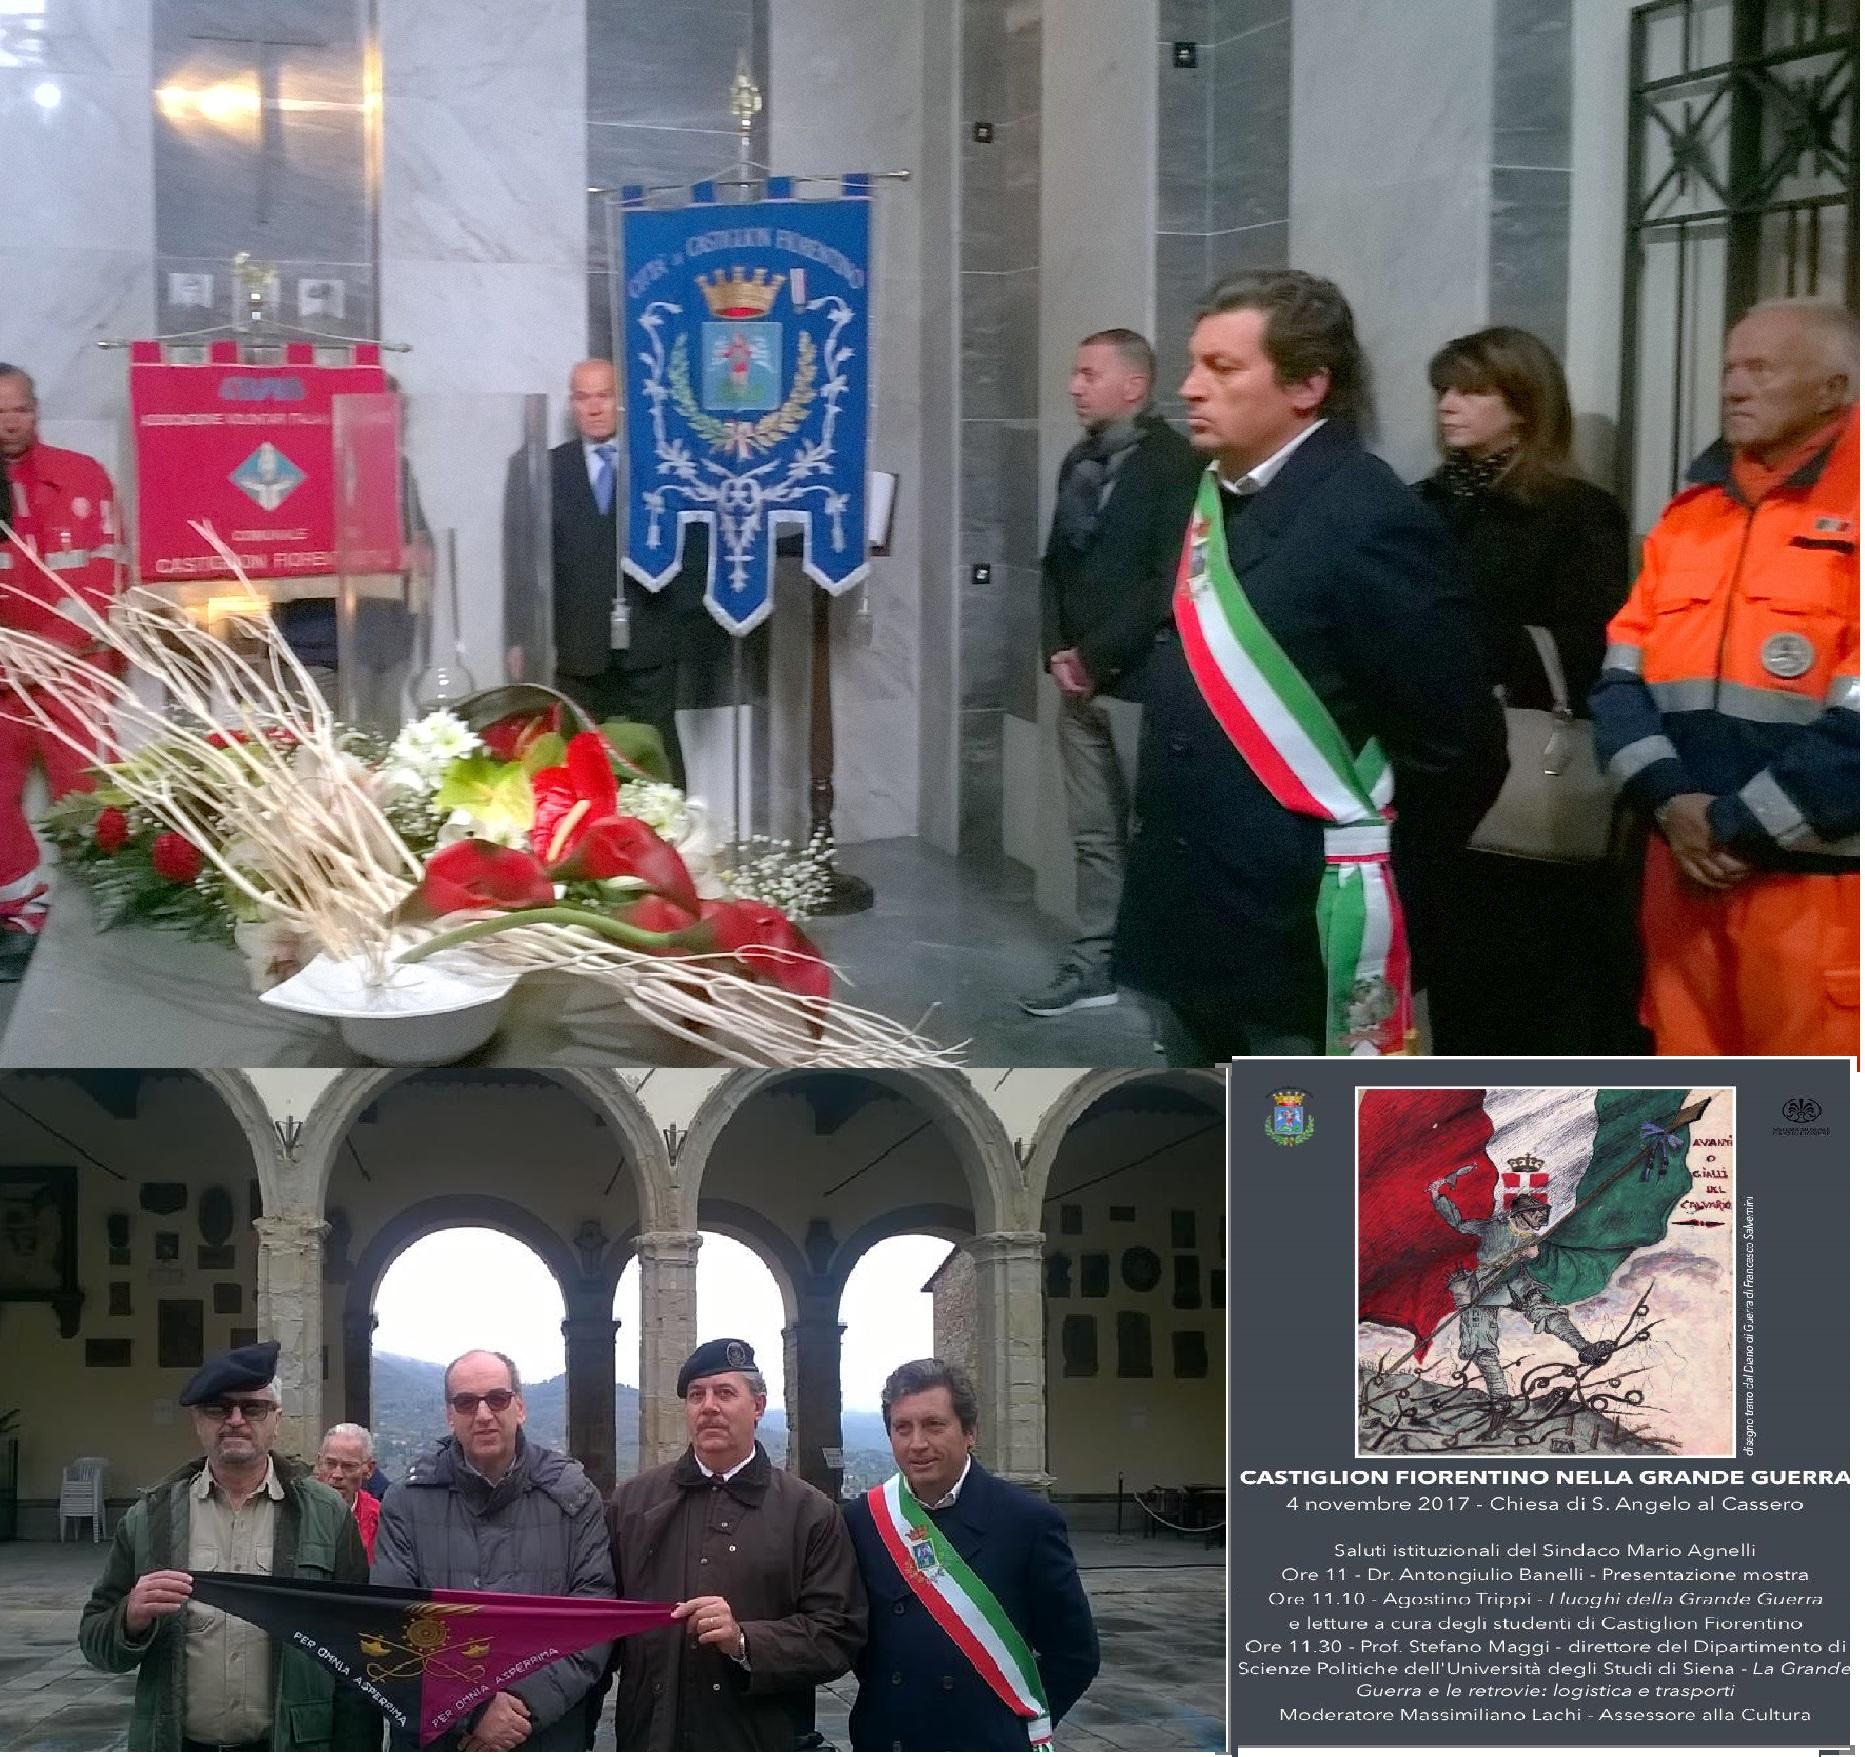 4 Novembre a Castiglion Fiorentino...